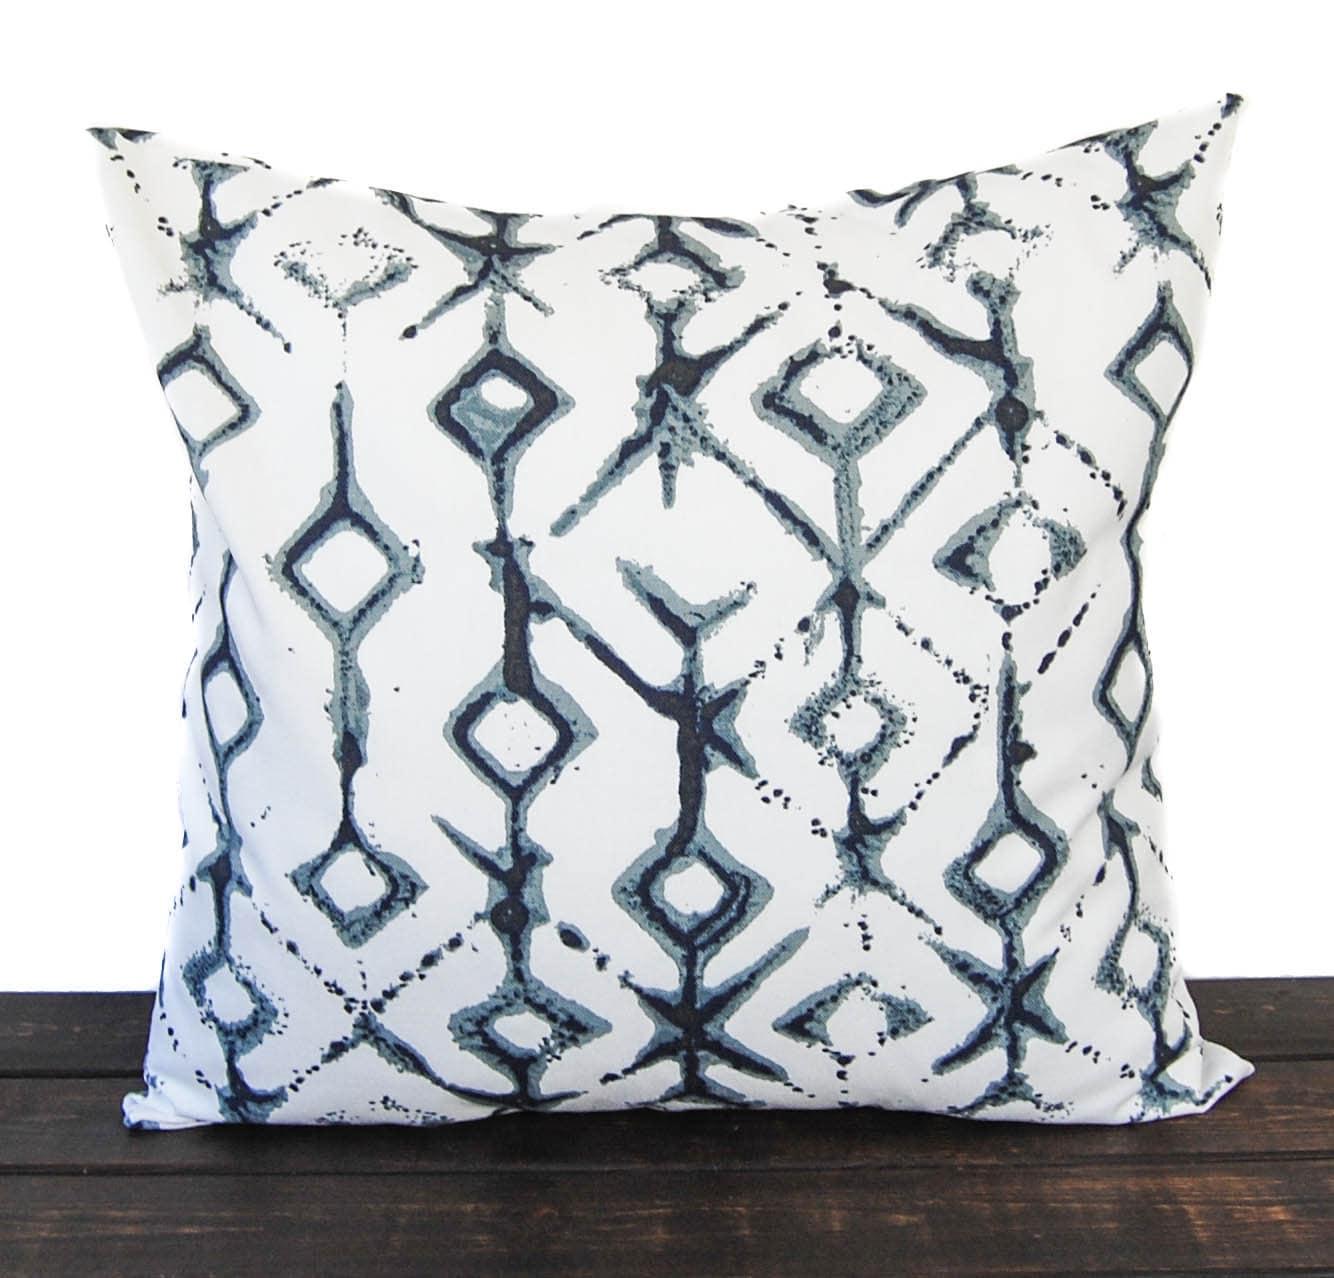 Throw pillow cover Vintage Indigo navy light blue gray white